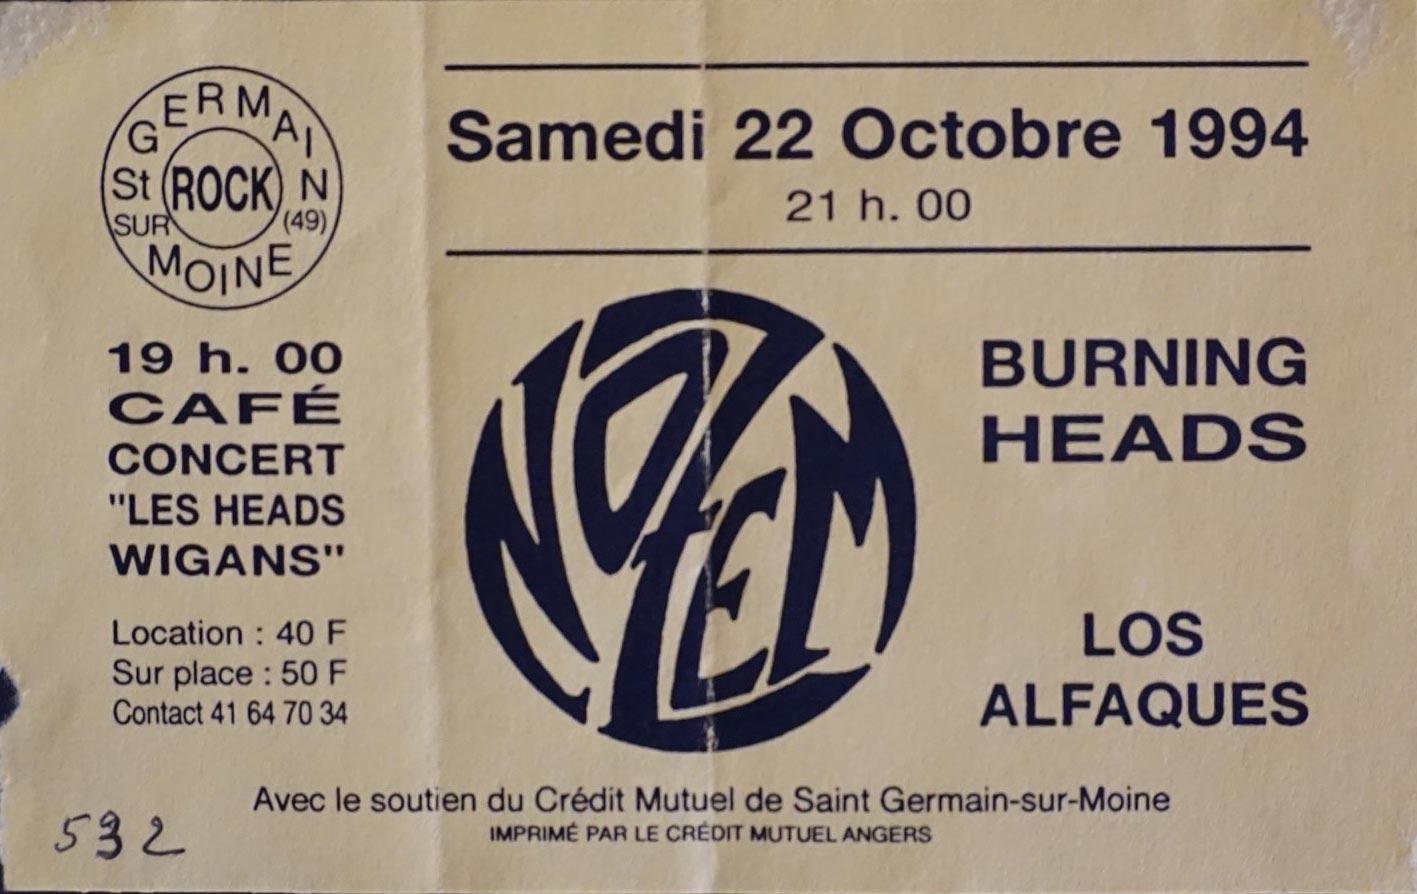 """22 Octobre 1994 Los Alfaques, Burning Heads, Nozem à Saint Germain sur Moine """"Cafe Concert les Heads Wigans"""""""